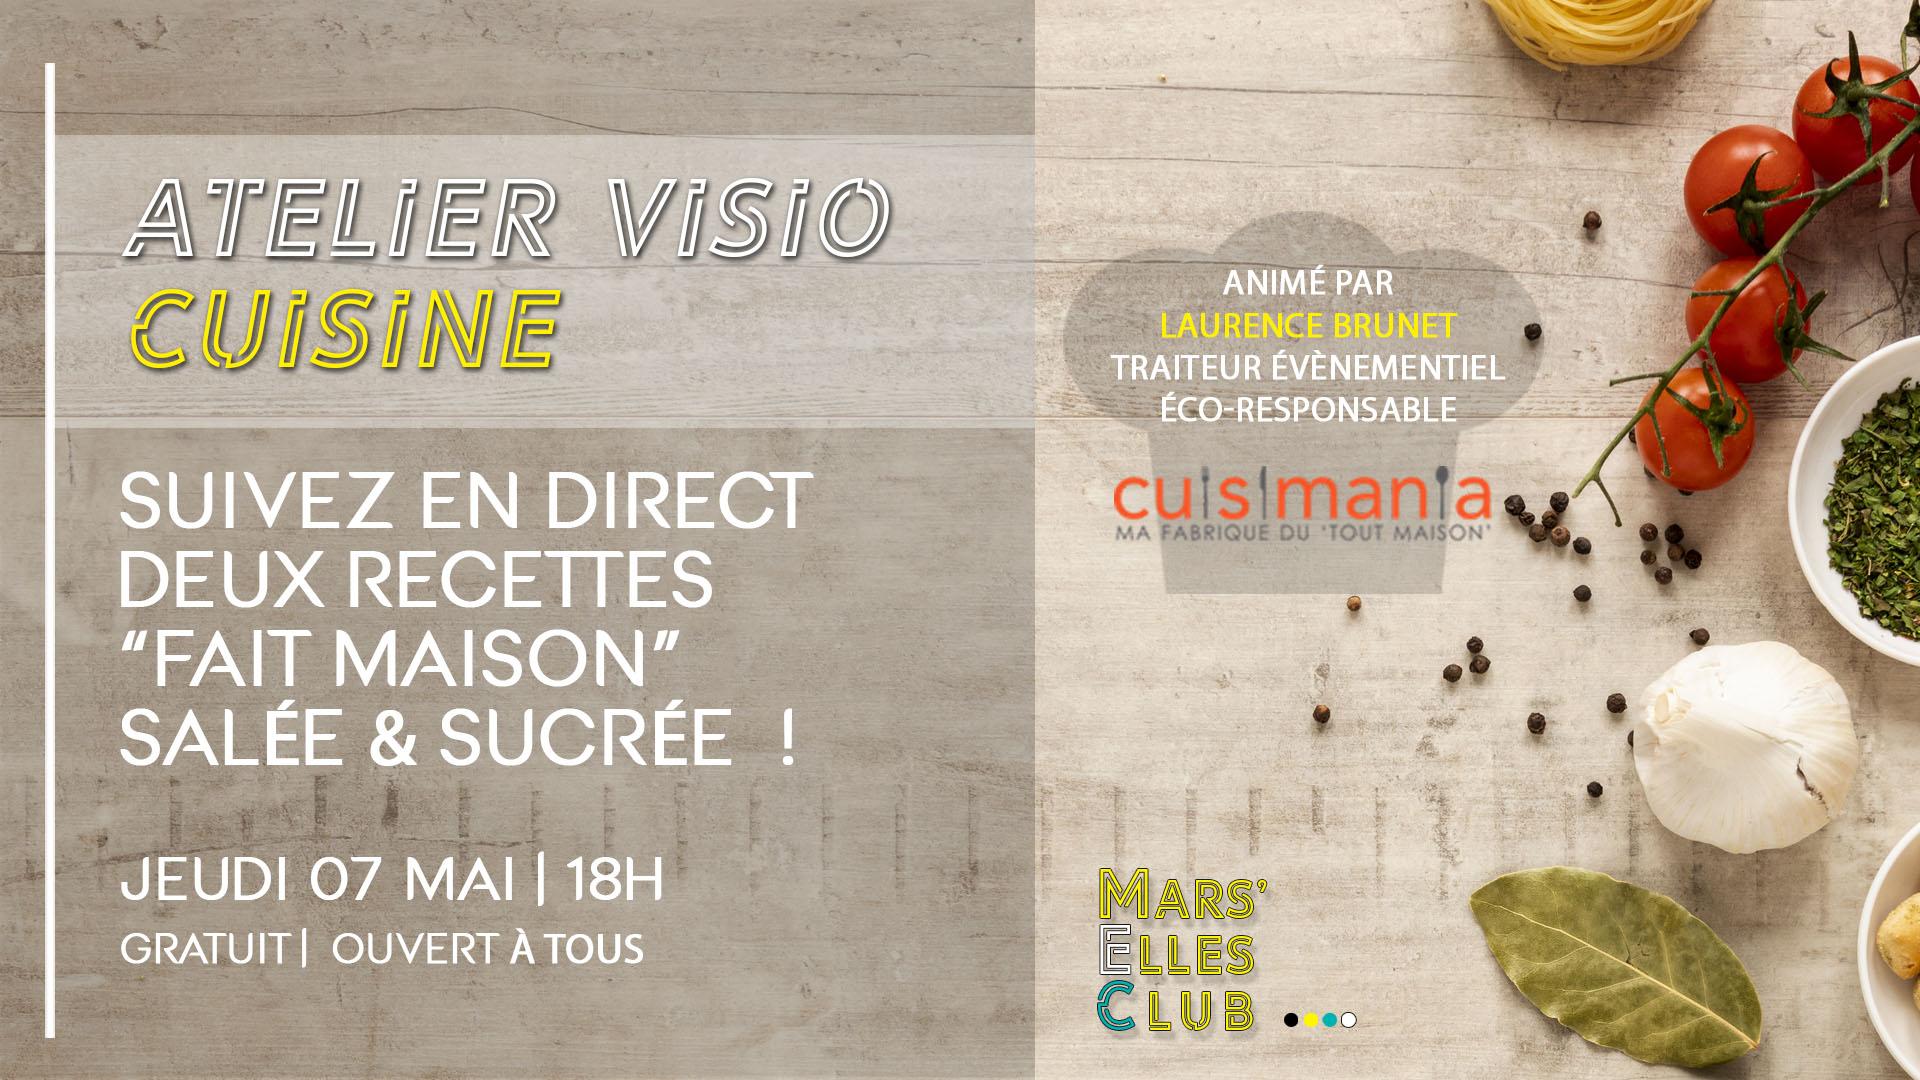 atelier-visio-cuisine-gratuit-confinement-cuisimania-mars-elles-club-3